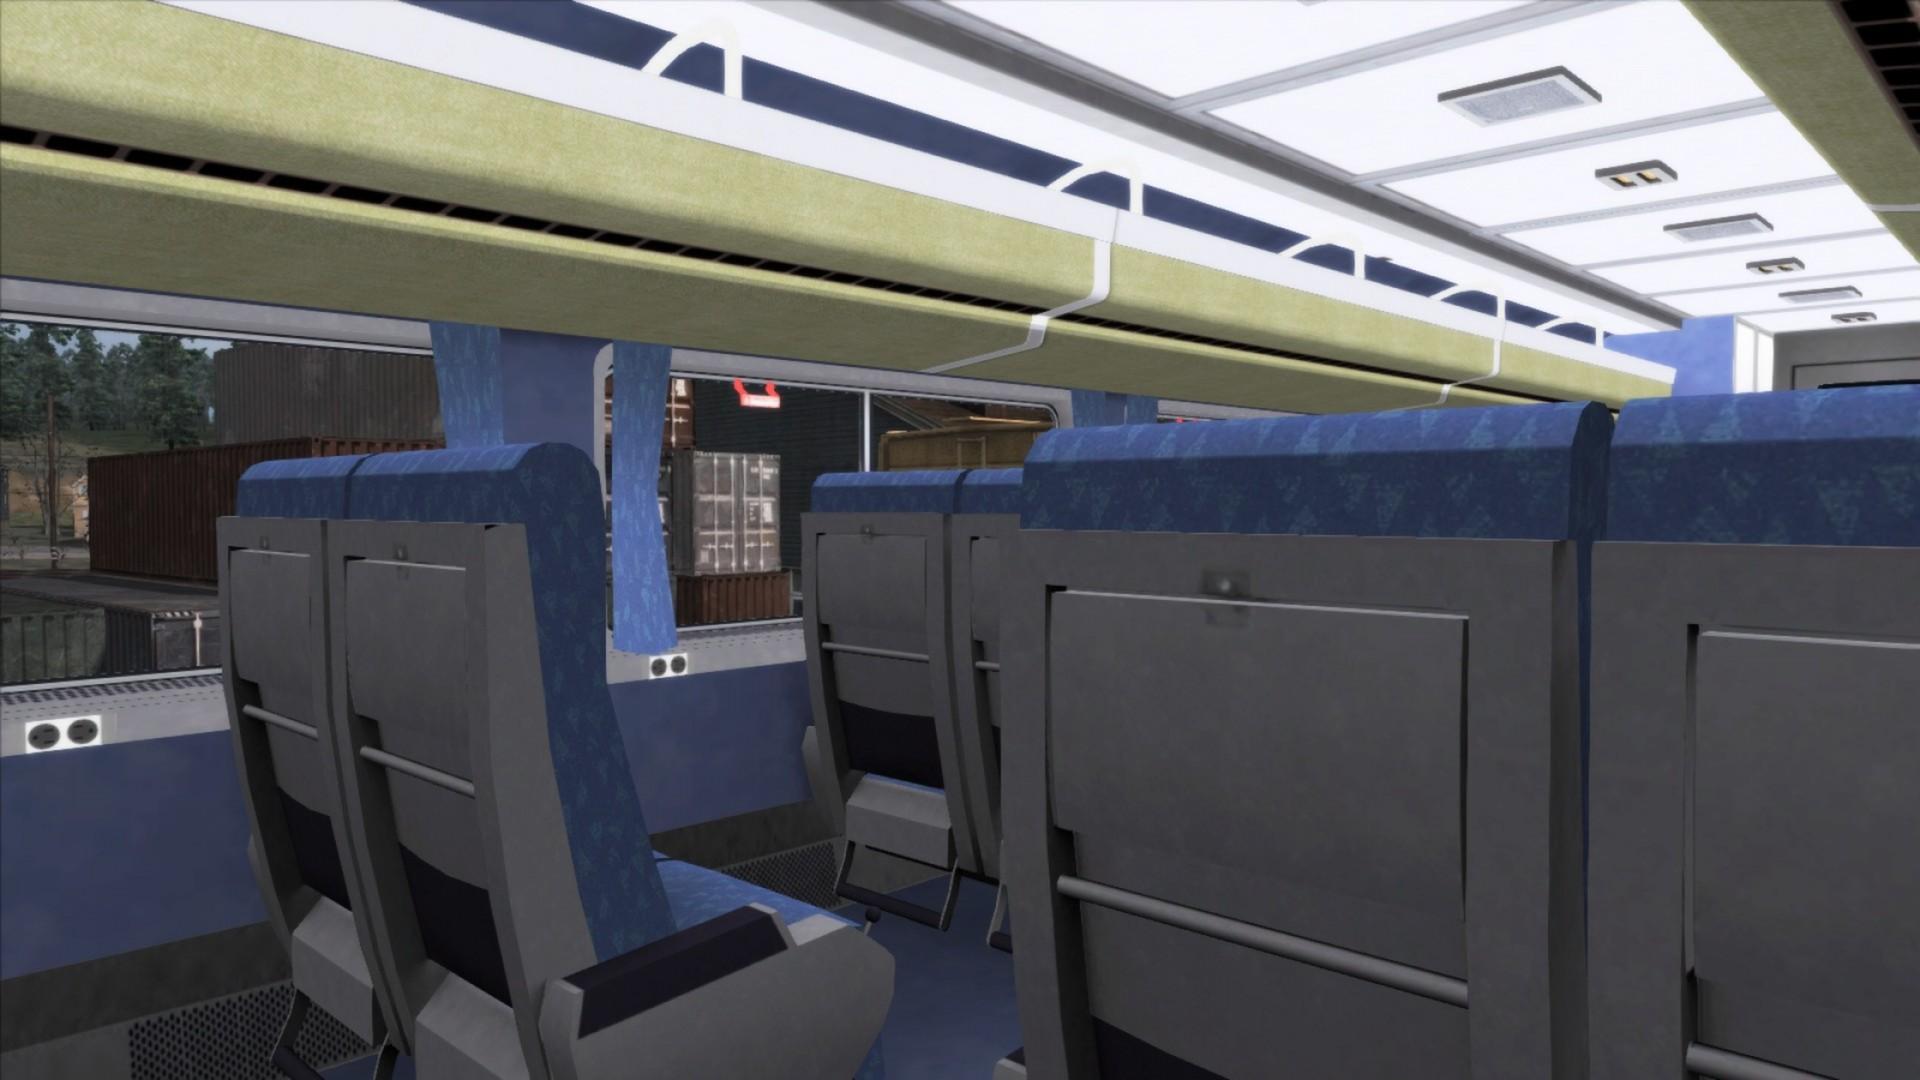 Train Simulator Amtrak F40ph California Zephyr Loco Add